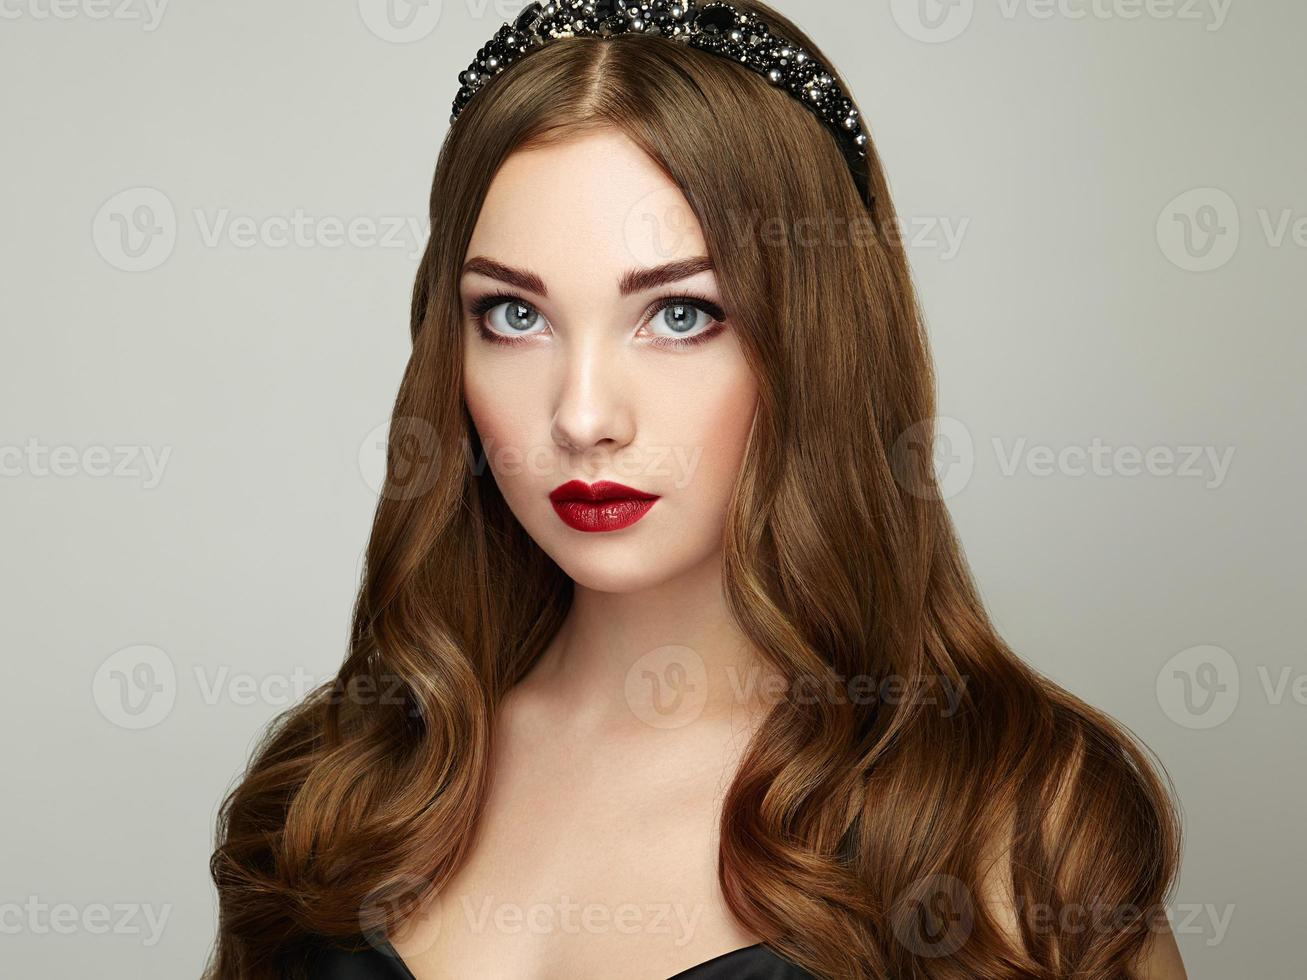 mode portret van elegante vrouw met prachtig haar foto